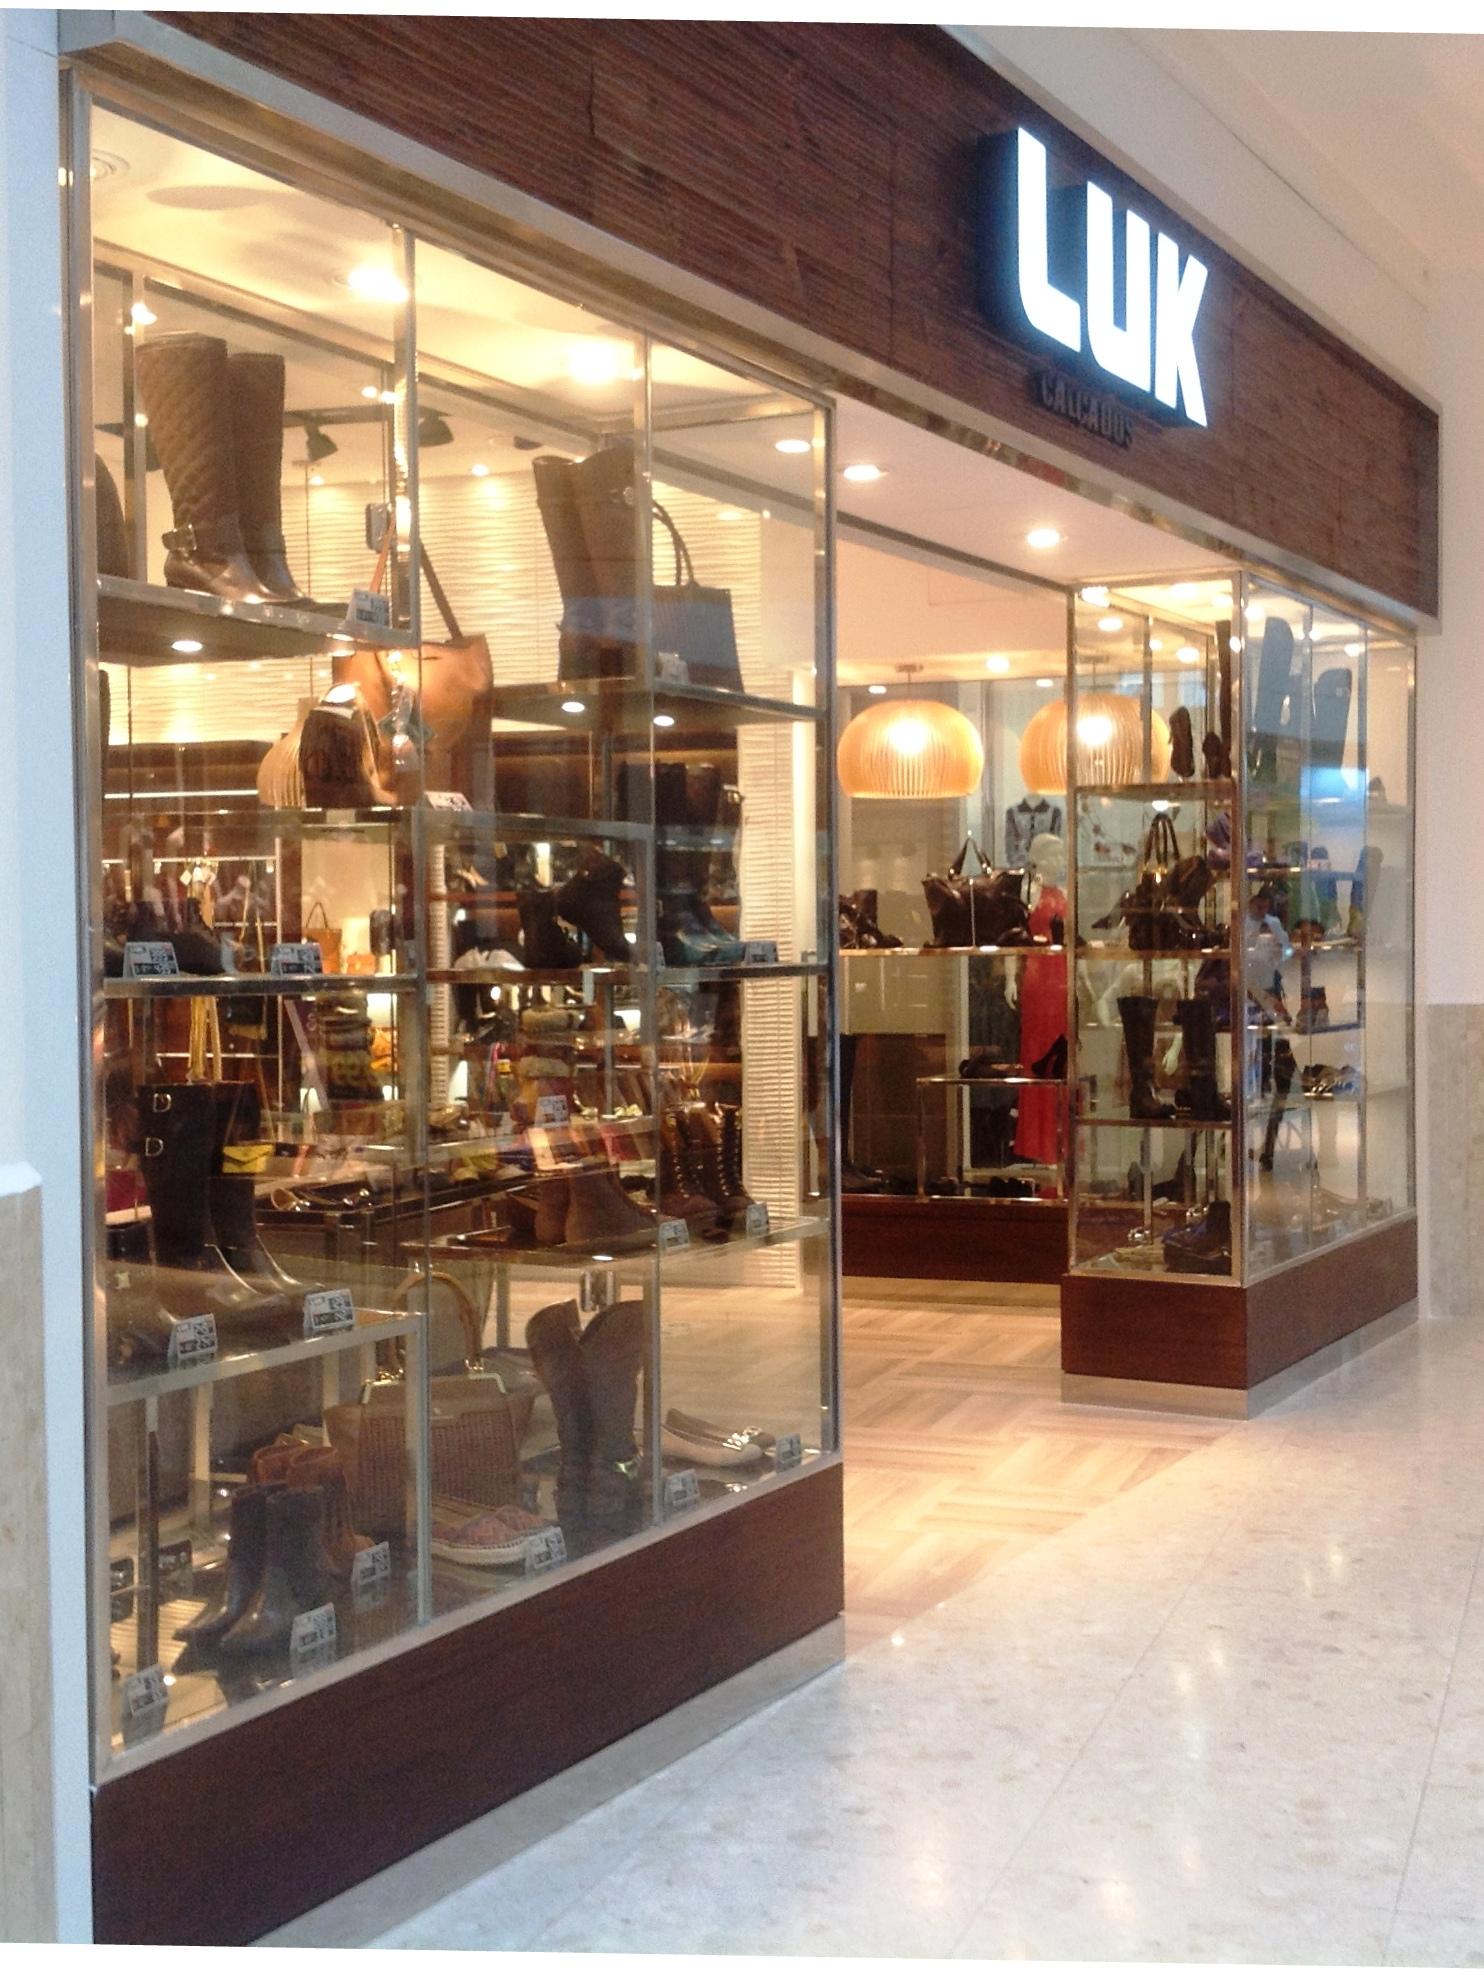 Luk Shopping Palladium